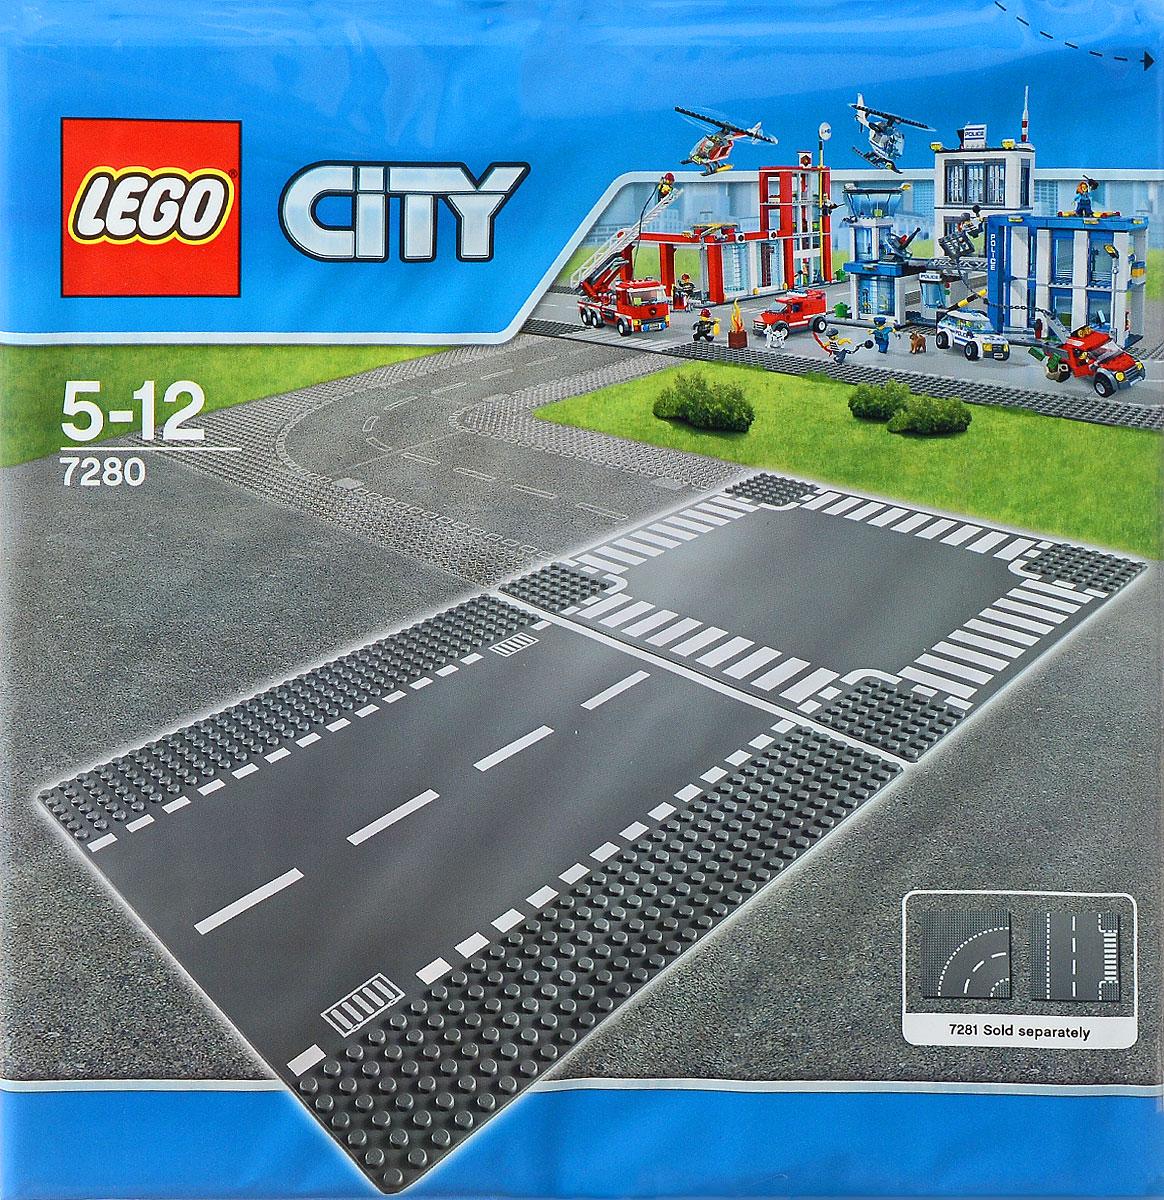 LEGO City Конструктор Перекресток 72807280Пластина Перекресток предназначена специально для игр с машинками Lego. На пластину нанесена дорожная разметка. Пластина состоит из двух участков: прямого участка дороги и Т-образного перекрестка. С помощью такой пластины можно создавать сложные трассы и превратить игру в настоящие приключения! В процессе игры с конструкторами LEGO дети приобретают и постигают такие необходимые навыки как познание, творчество, воображение. Обычные наблюдения за детьми показывают, что единственное, чему они с удовольствием посвящают время - это игры. Игра - это состояние души, это веселый опыт познания реальности. Играя, дети создают собственные миры, осваивают их, восстанавливают прошедшие и будущие события через понарошку, а, познавая, приобретают знания и умения. Фантазия ребенка безгранична, беря свое начало в детстве, она позволяет ребенку учиться представлять в уме, она помогает ему выражать свою индивидуальность, творить, давать форму или выражение чувствам, идеям, а это означает, что...